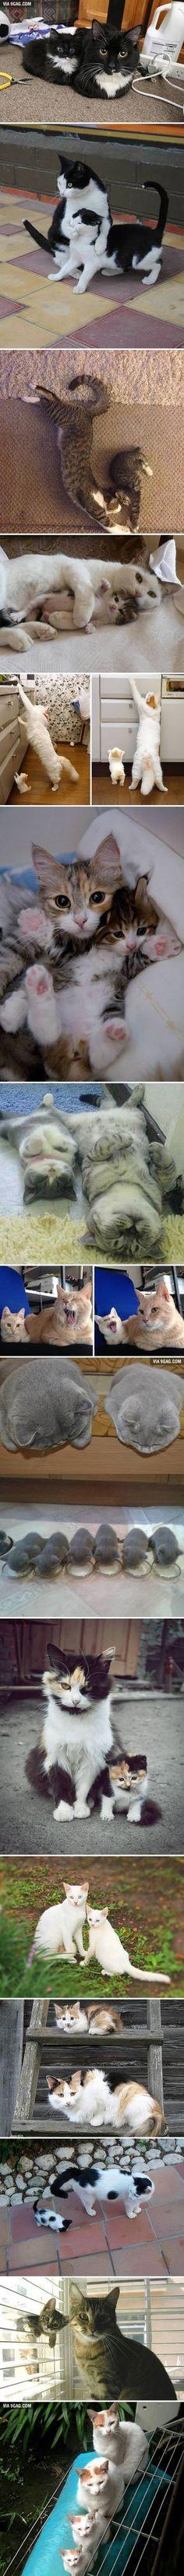 15 кошек со своими детенышами